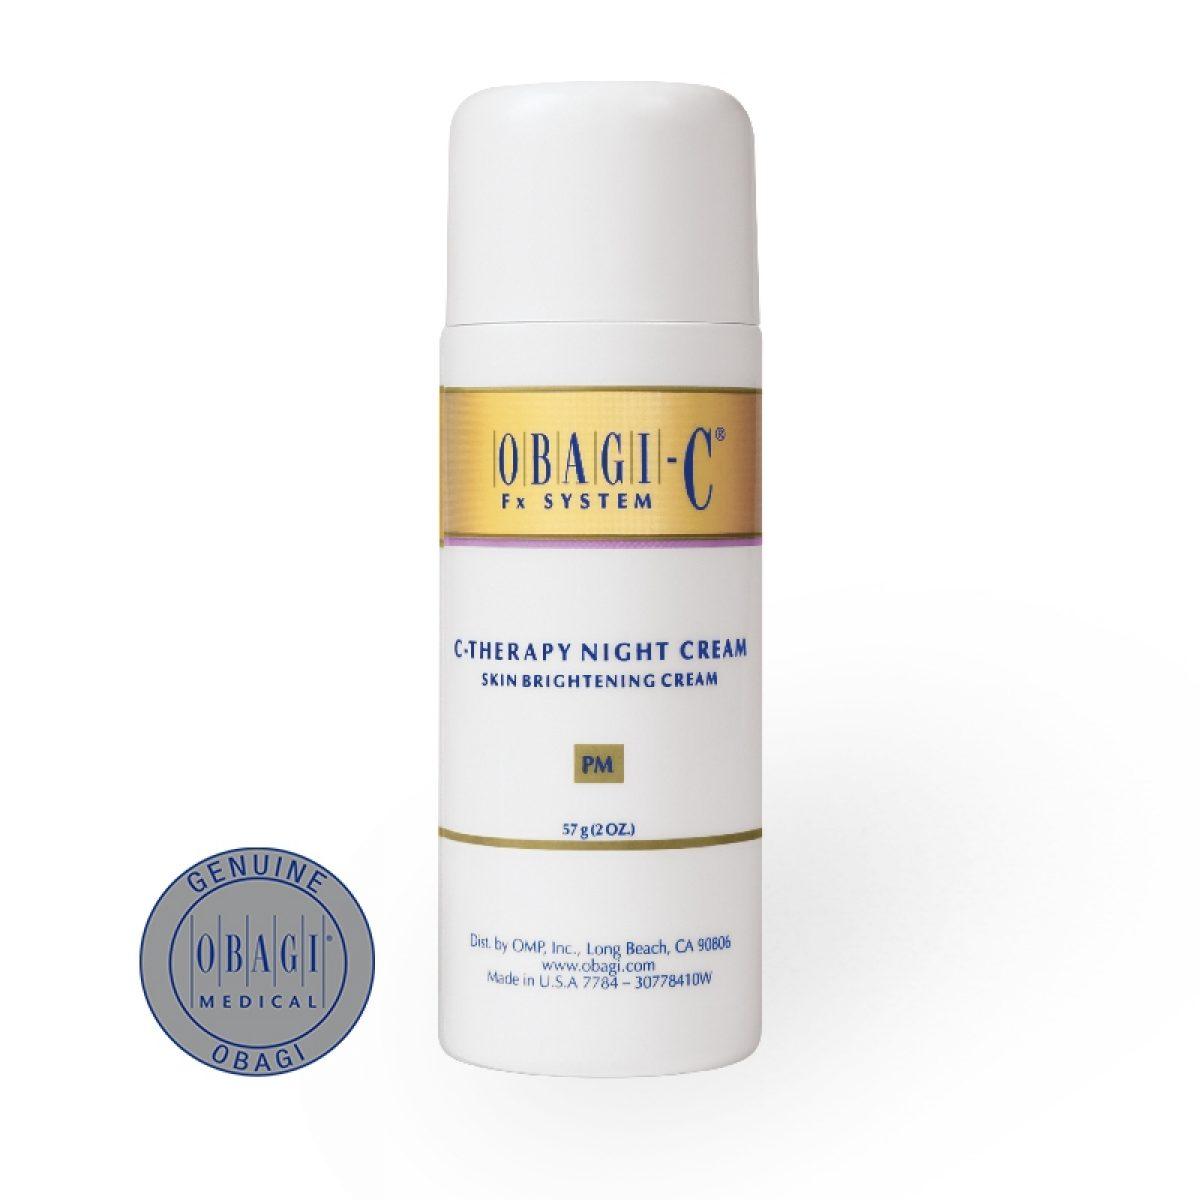 Obagi-C Therapy Night Cream